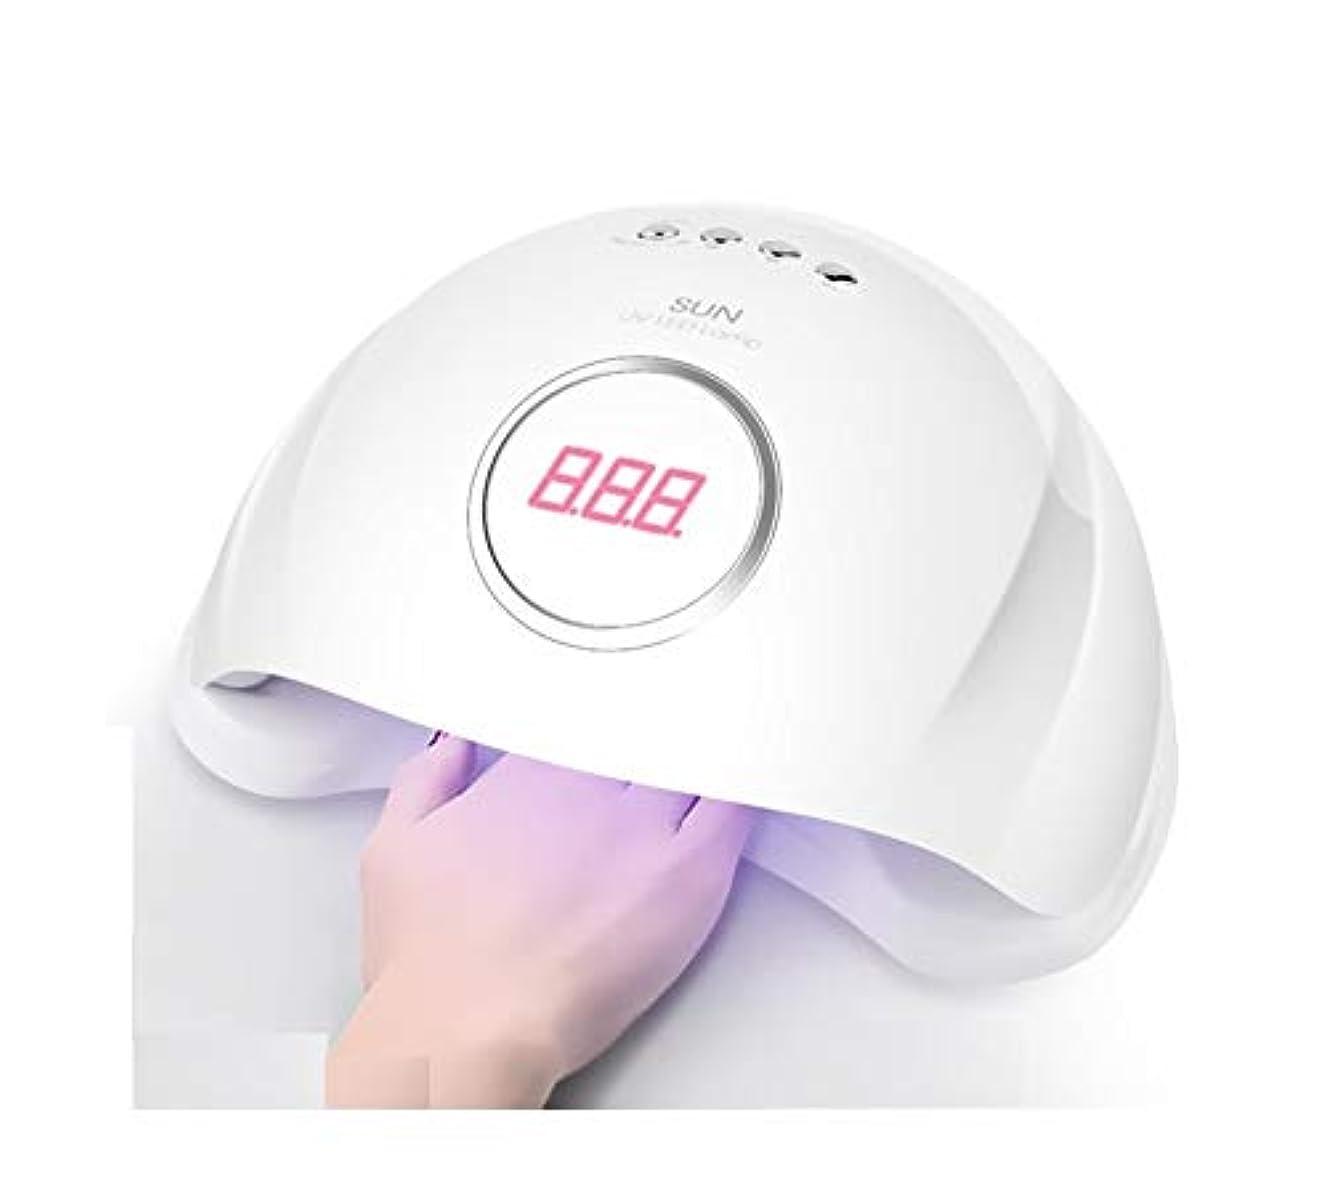 直感平方とティームLittleCat 108WネイルUVランプ無痛LEDライトセラピーのマシンすべてプラスチックを乾燥させるために10秒 (色 : 72 watt round insert)